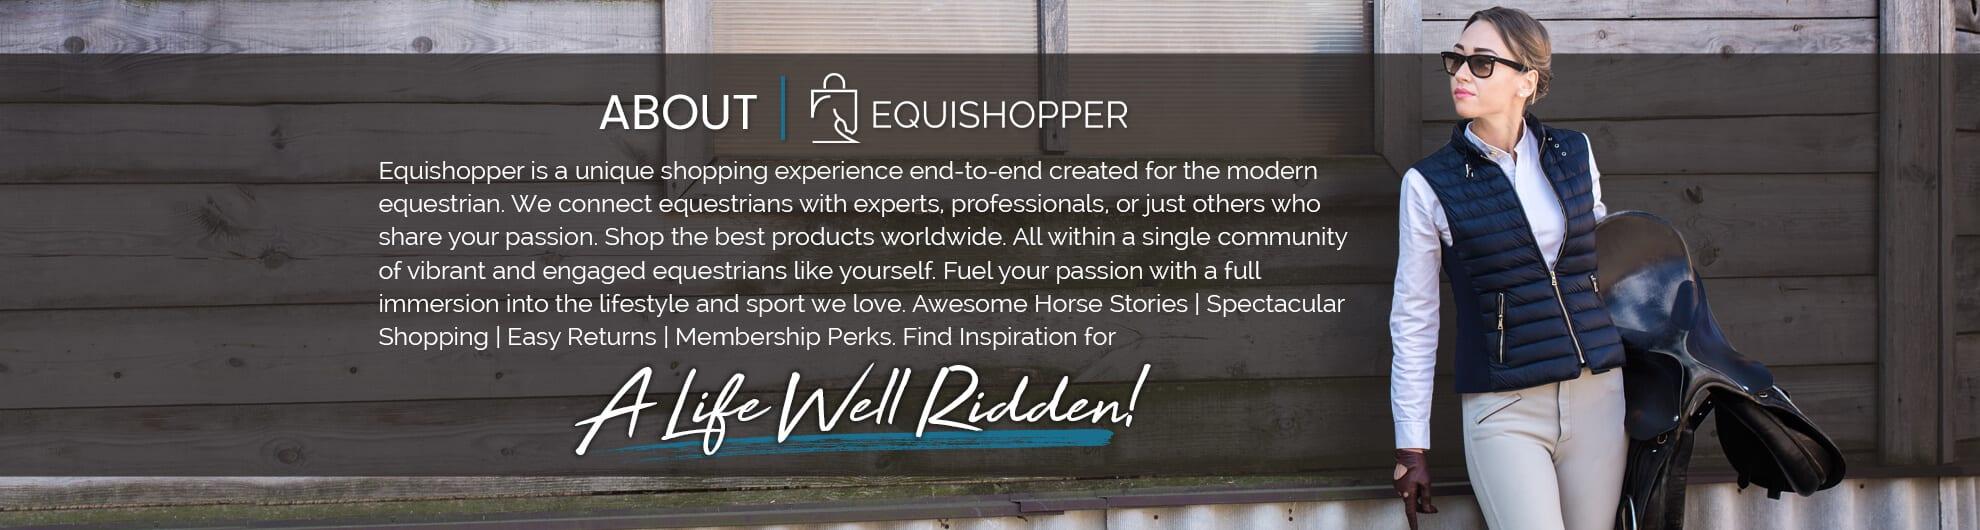 equishopper, a life well ridden